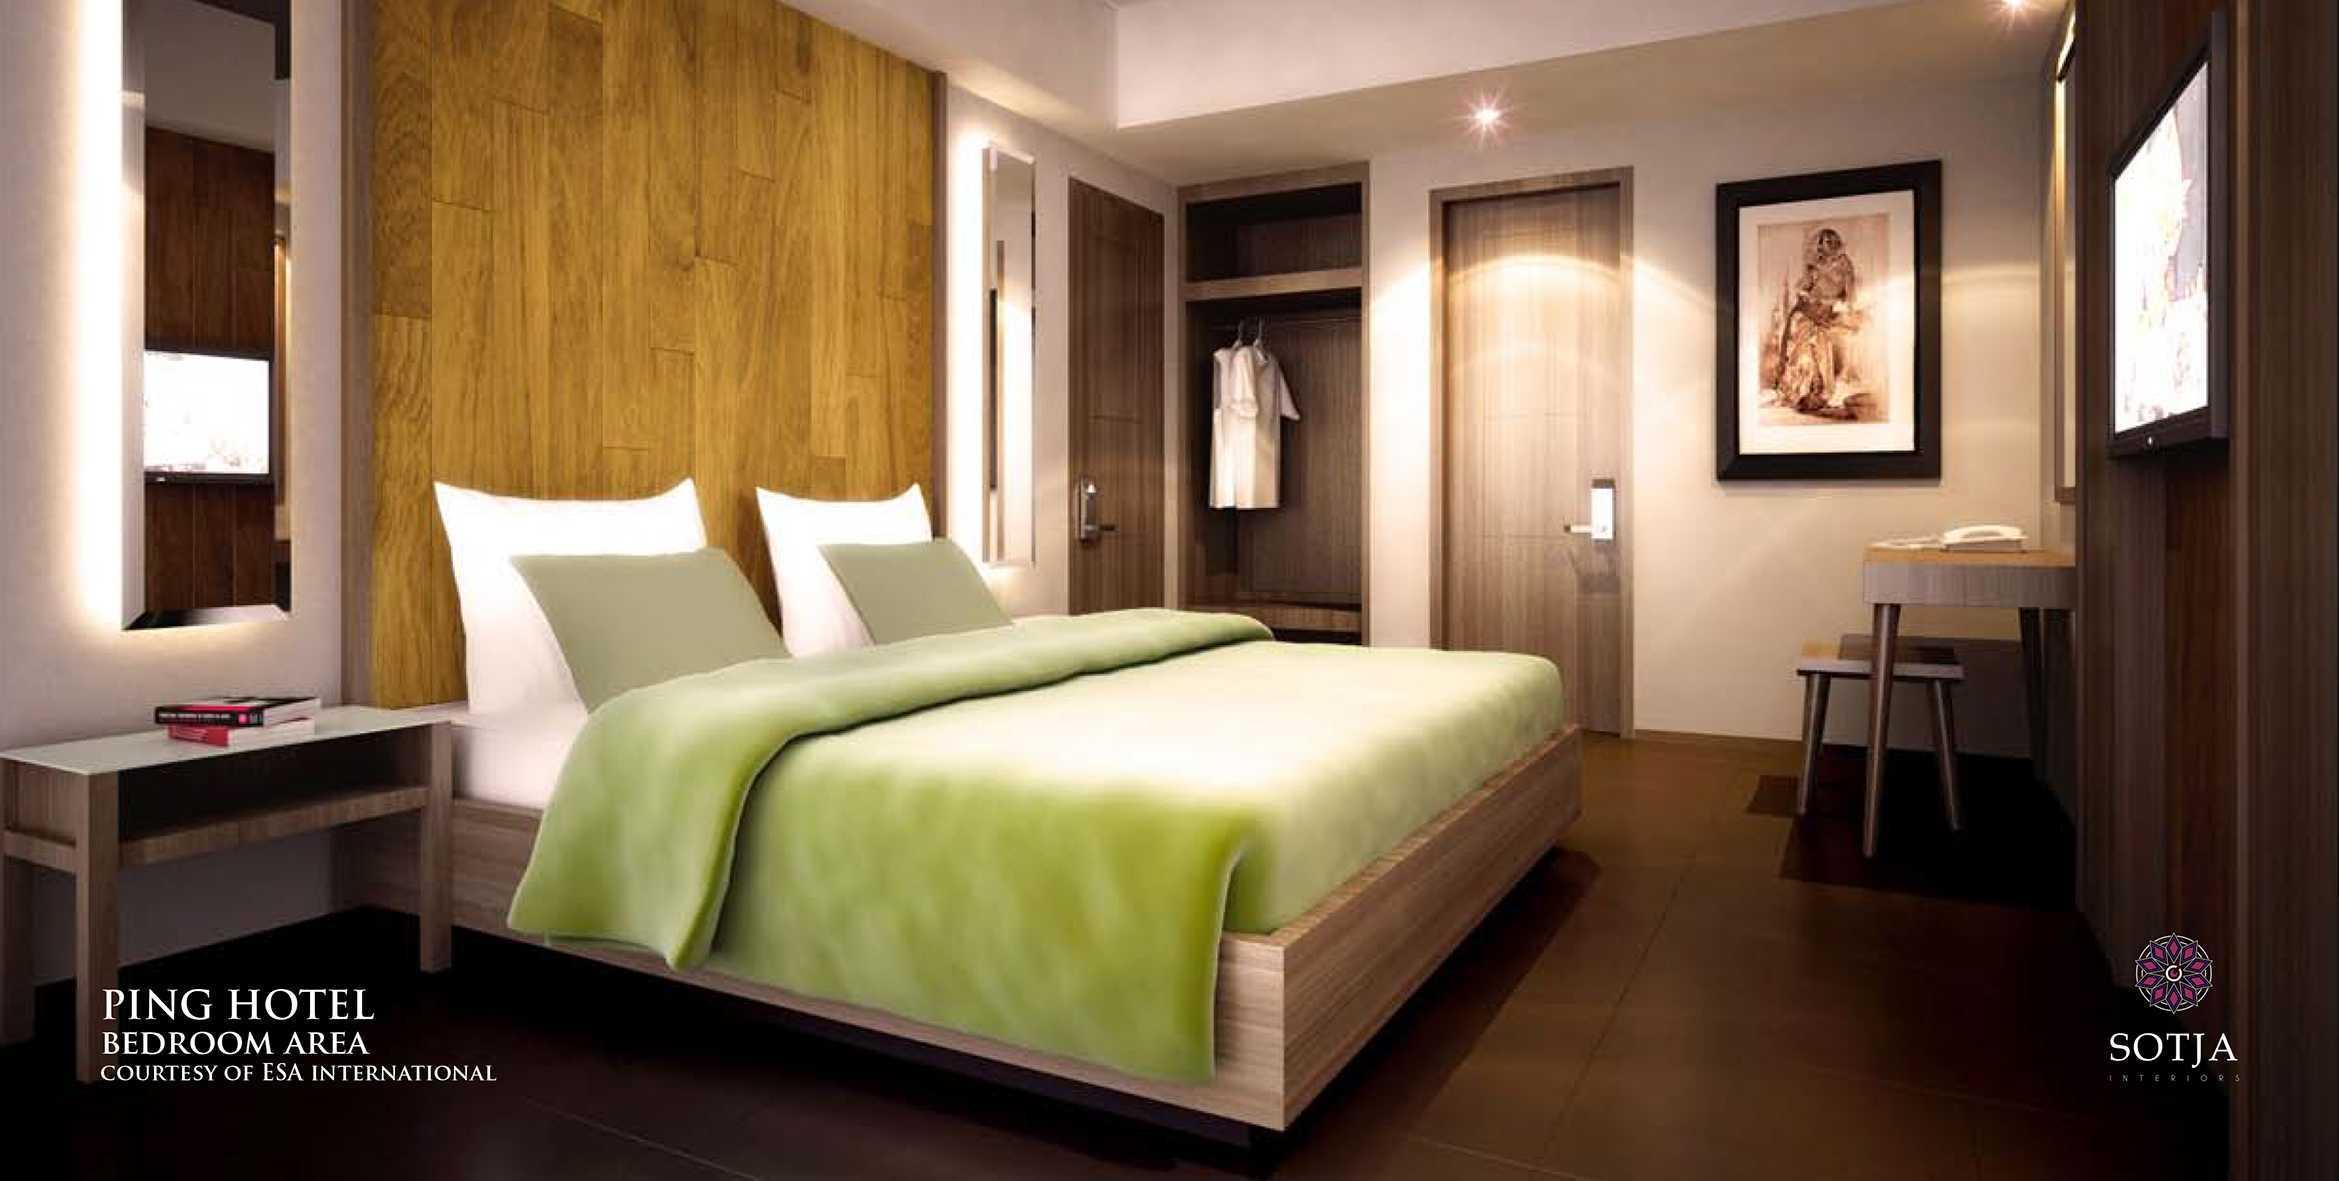 Sotja Interiors Ping Hotel At Seminyak  Bali, Indonesia Bali, Indonesia Bedroom-Area   9957